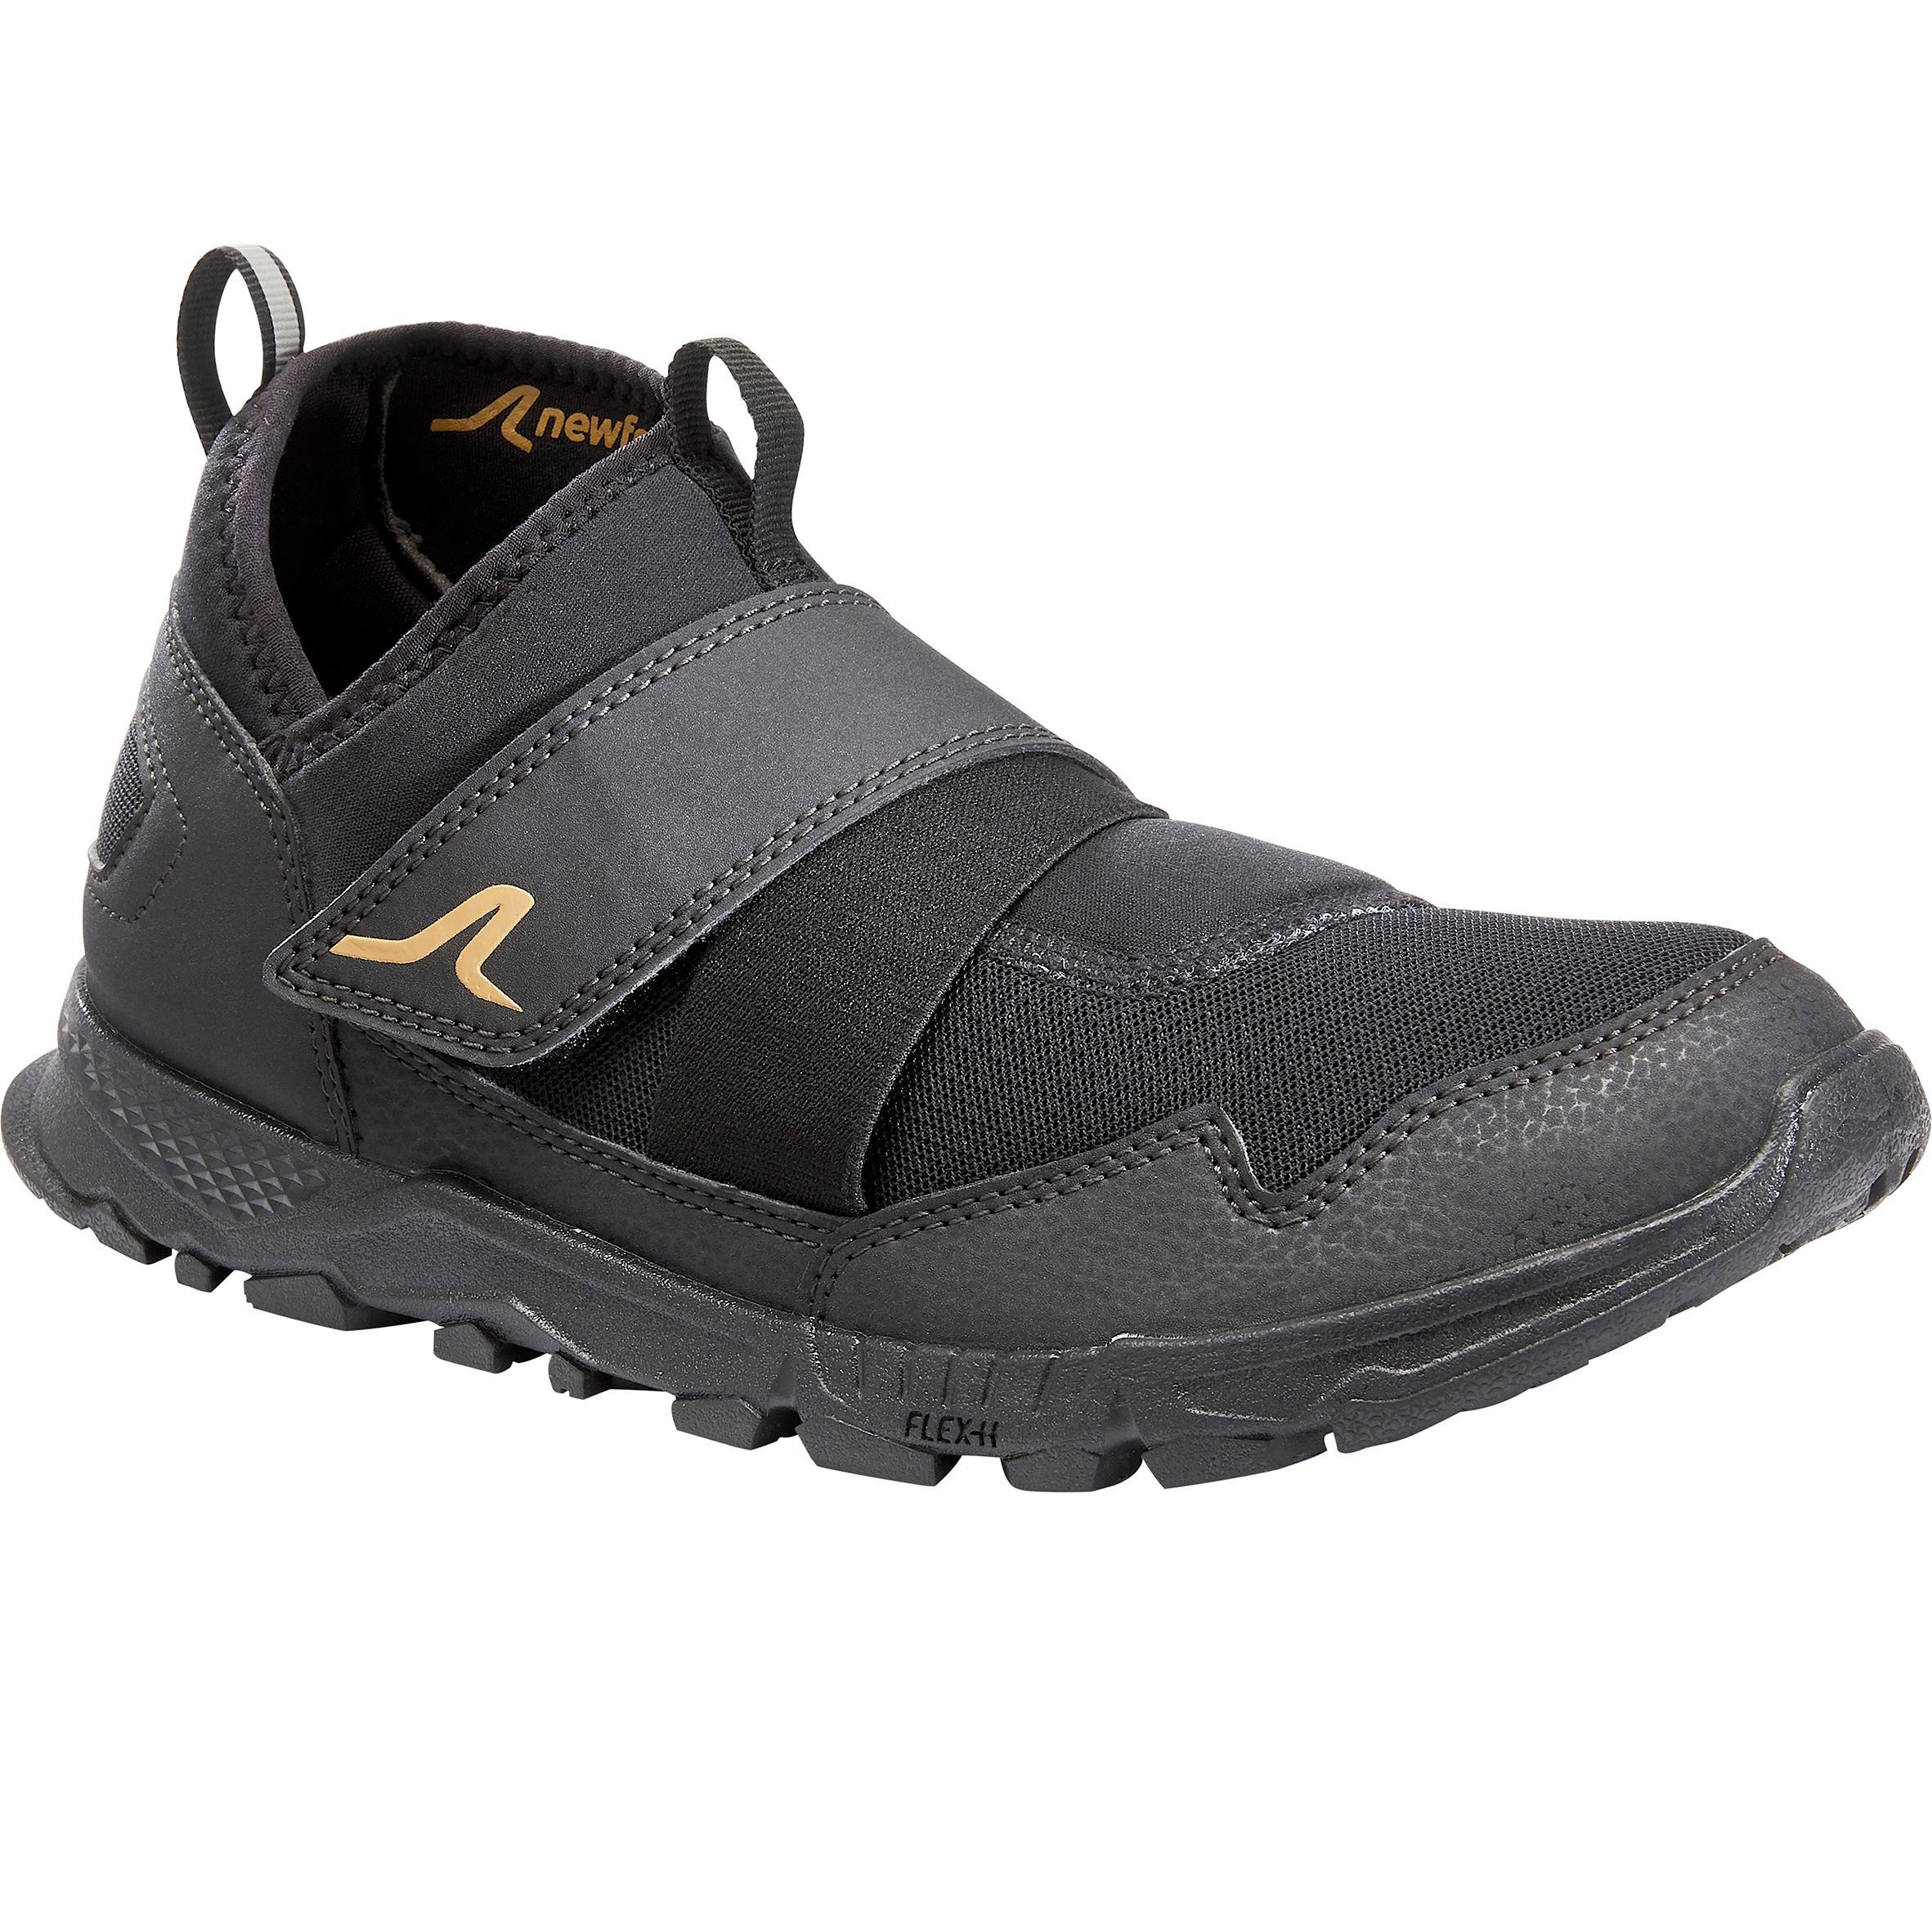 Nordic Walkingschuhe NW 100 schwarz | Schuhe > Sportschuhe > Walkingschuhe | Newfeel